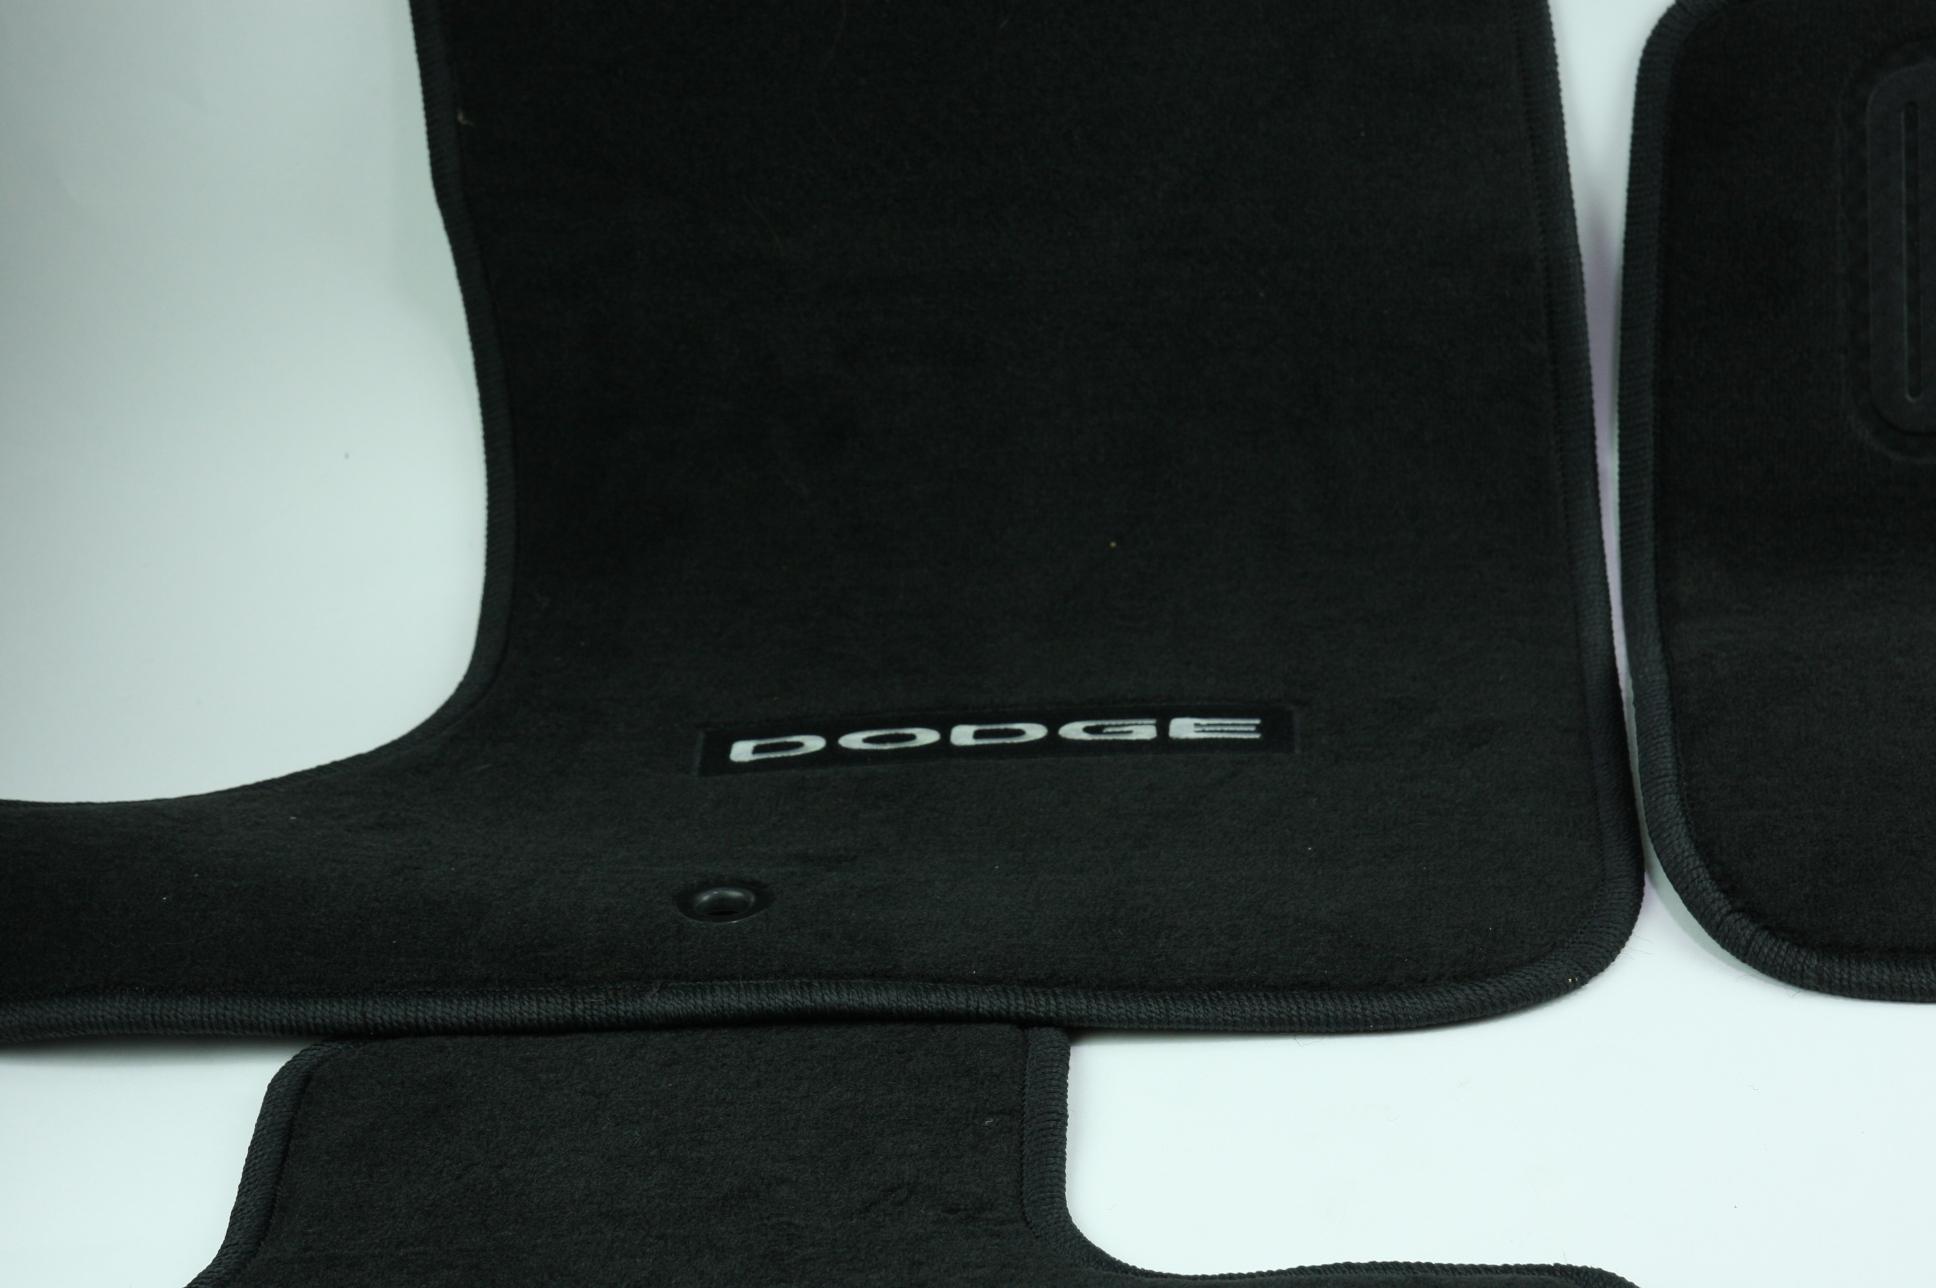 New OEM Genuine Mopar 1NL24DX9AC 11-12 Dodge Charger Mat Kit Front & Rear NIP - image 4